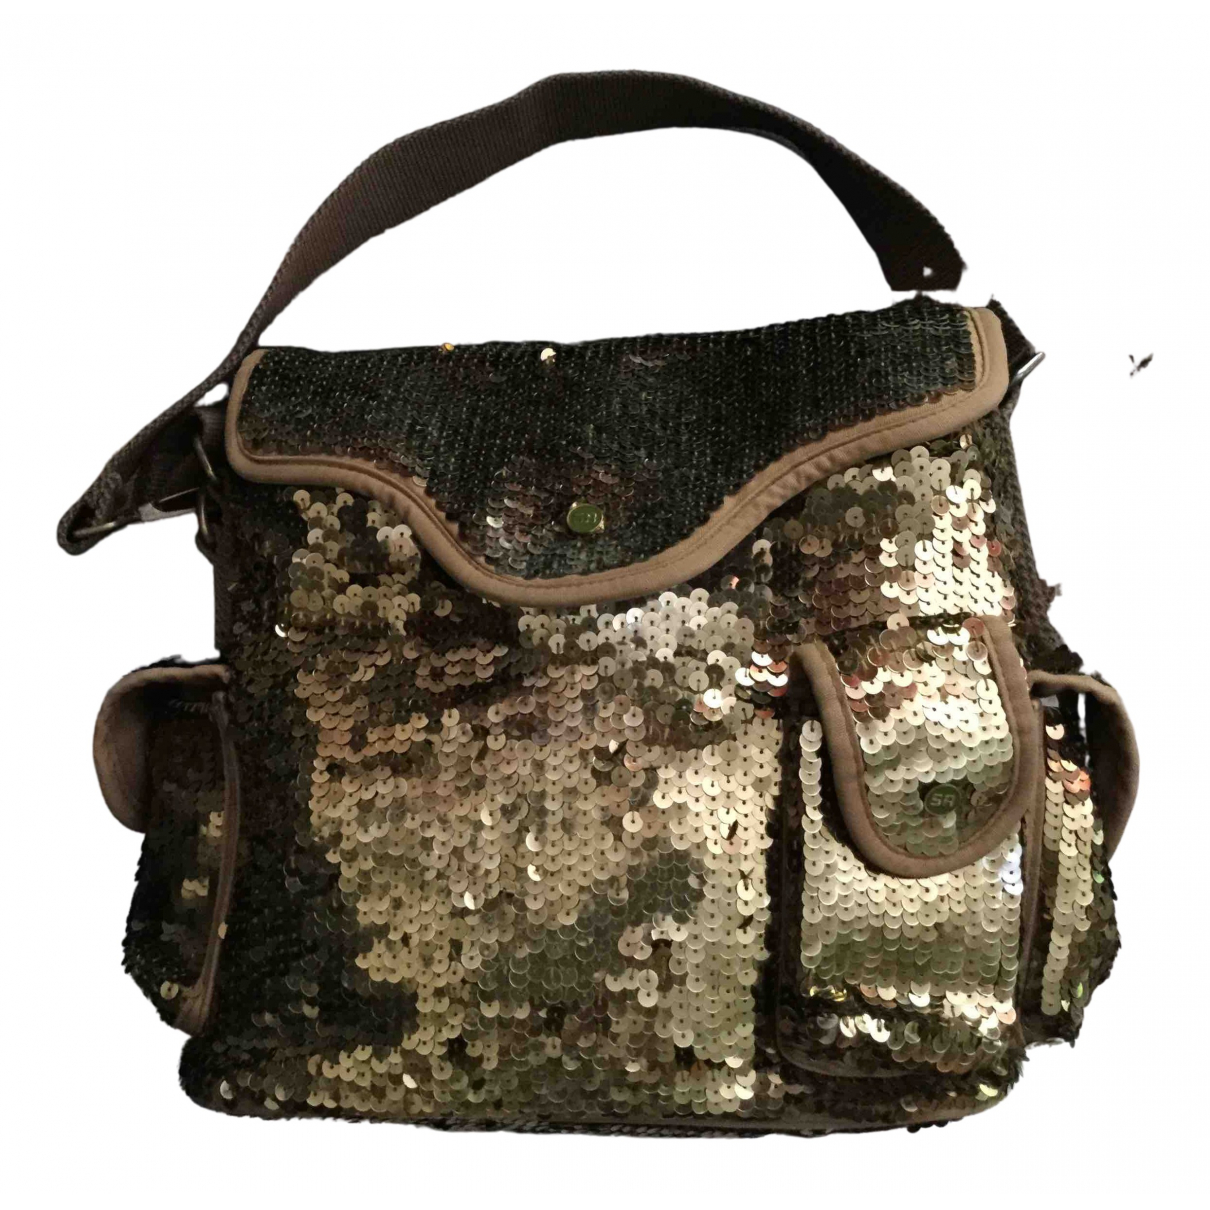 Sonia Rykiel \N Handtasche in  Gold Mit Pailletten